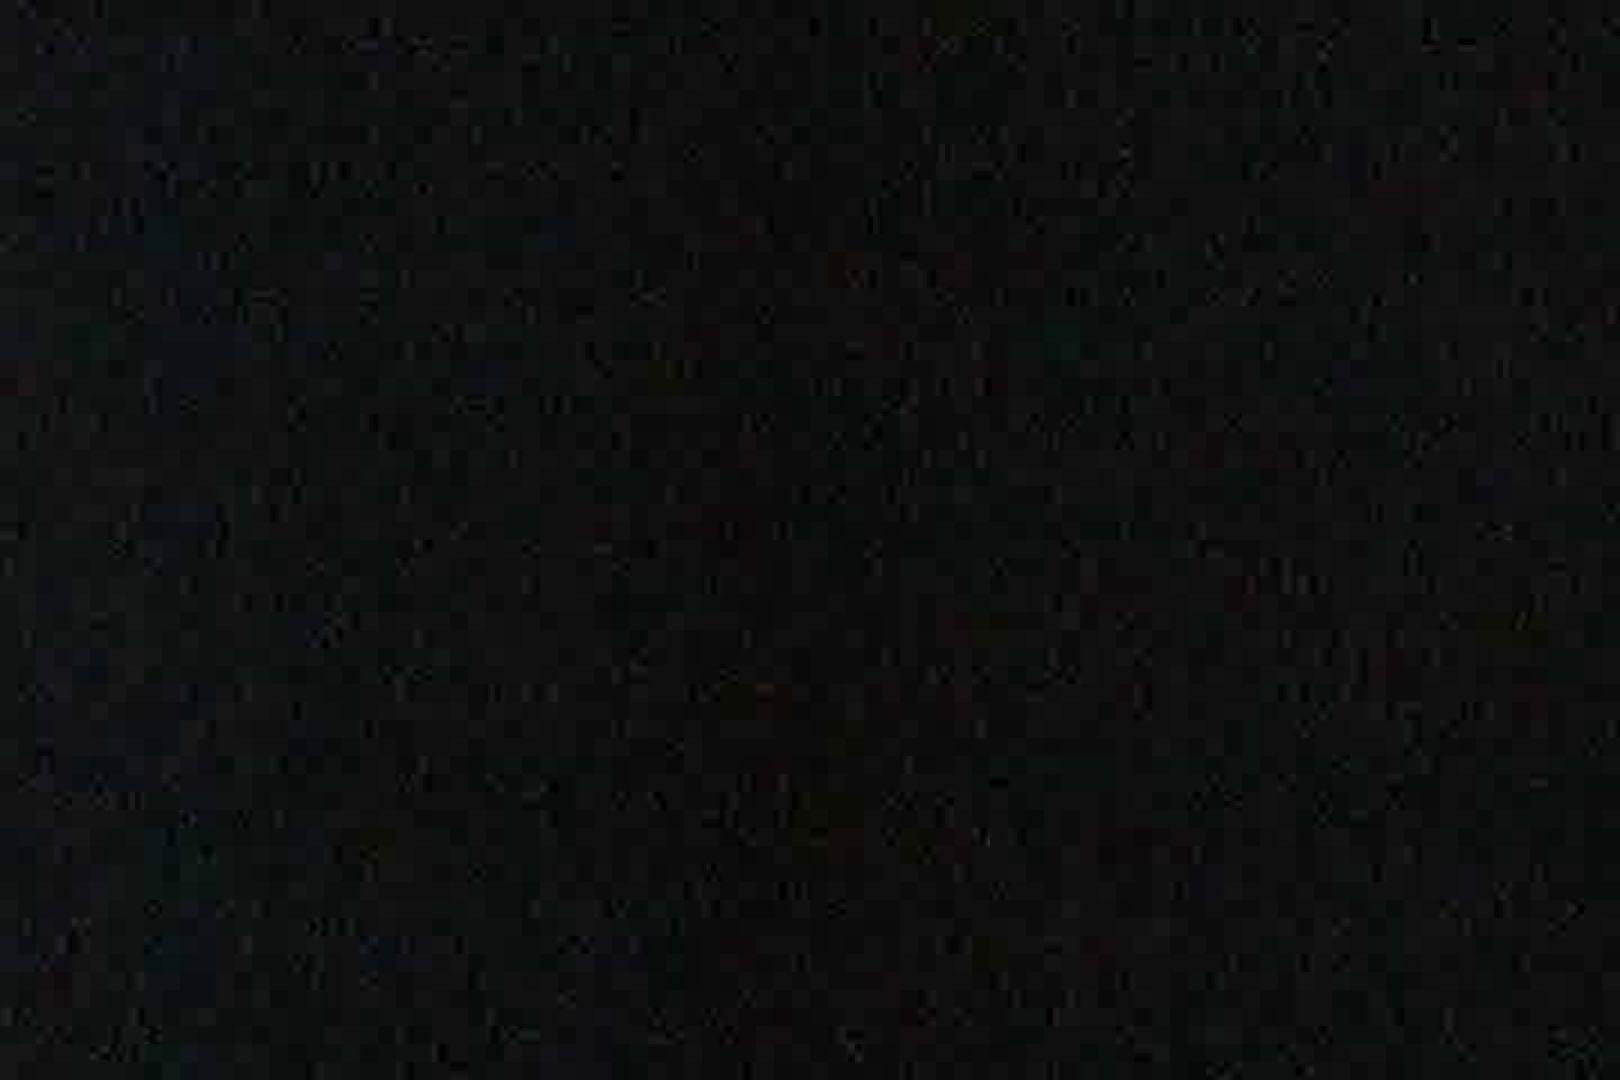 「充血監督」さんの深夜の運動会!! vol.107 美女達のヌード | カップルのセックス  41連発 36